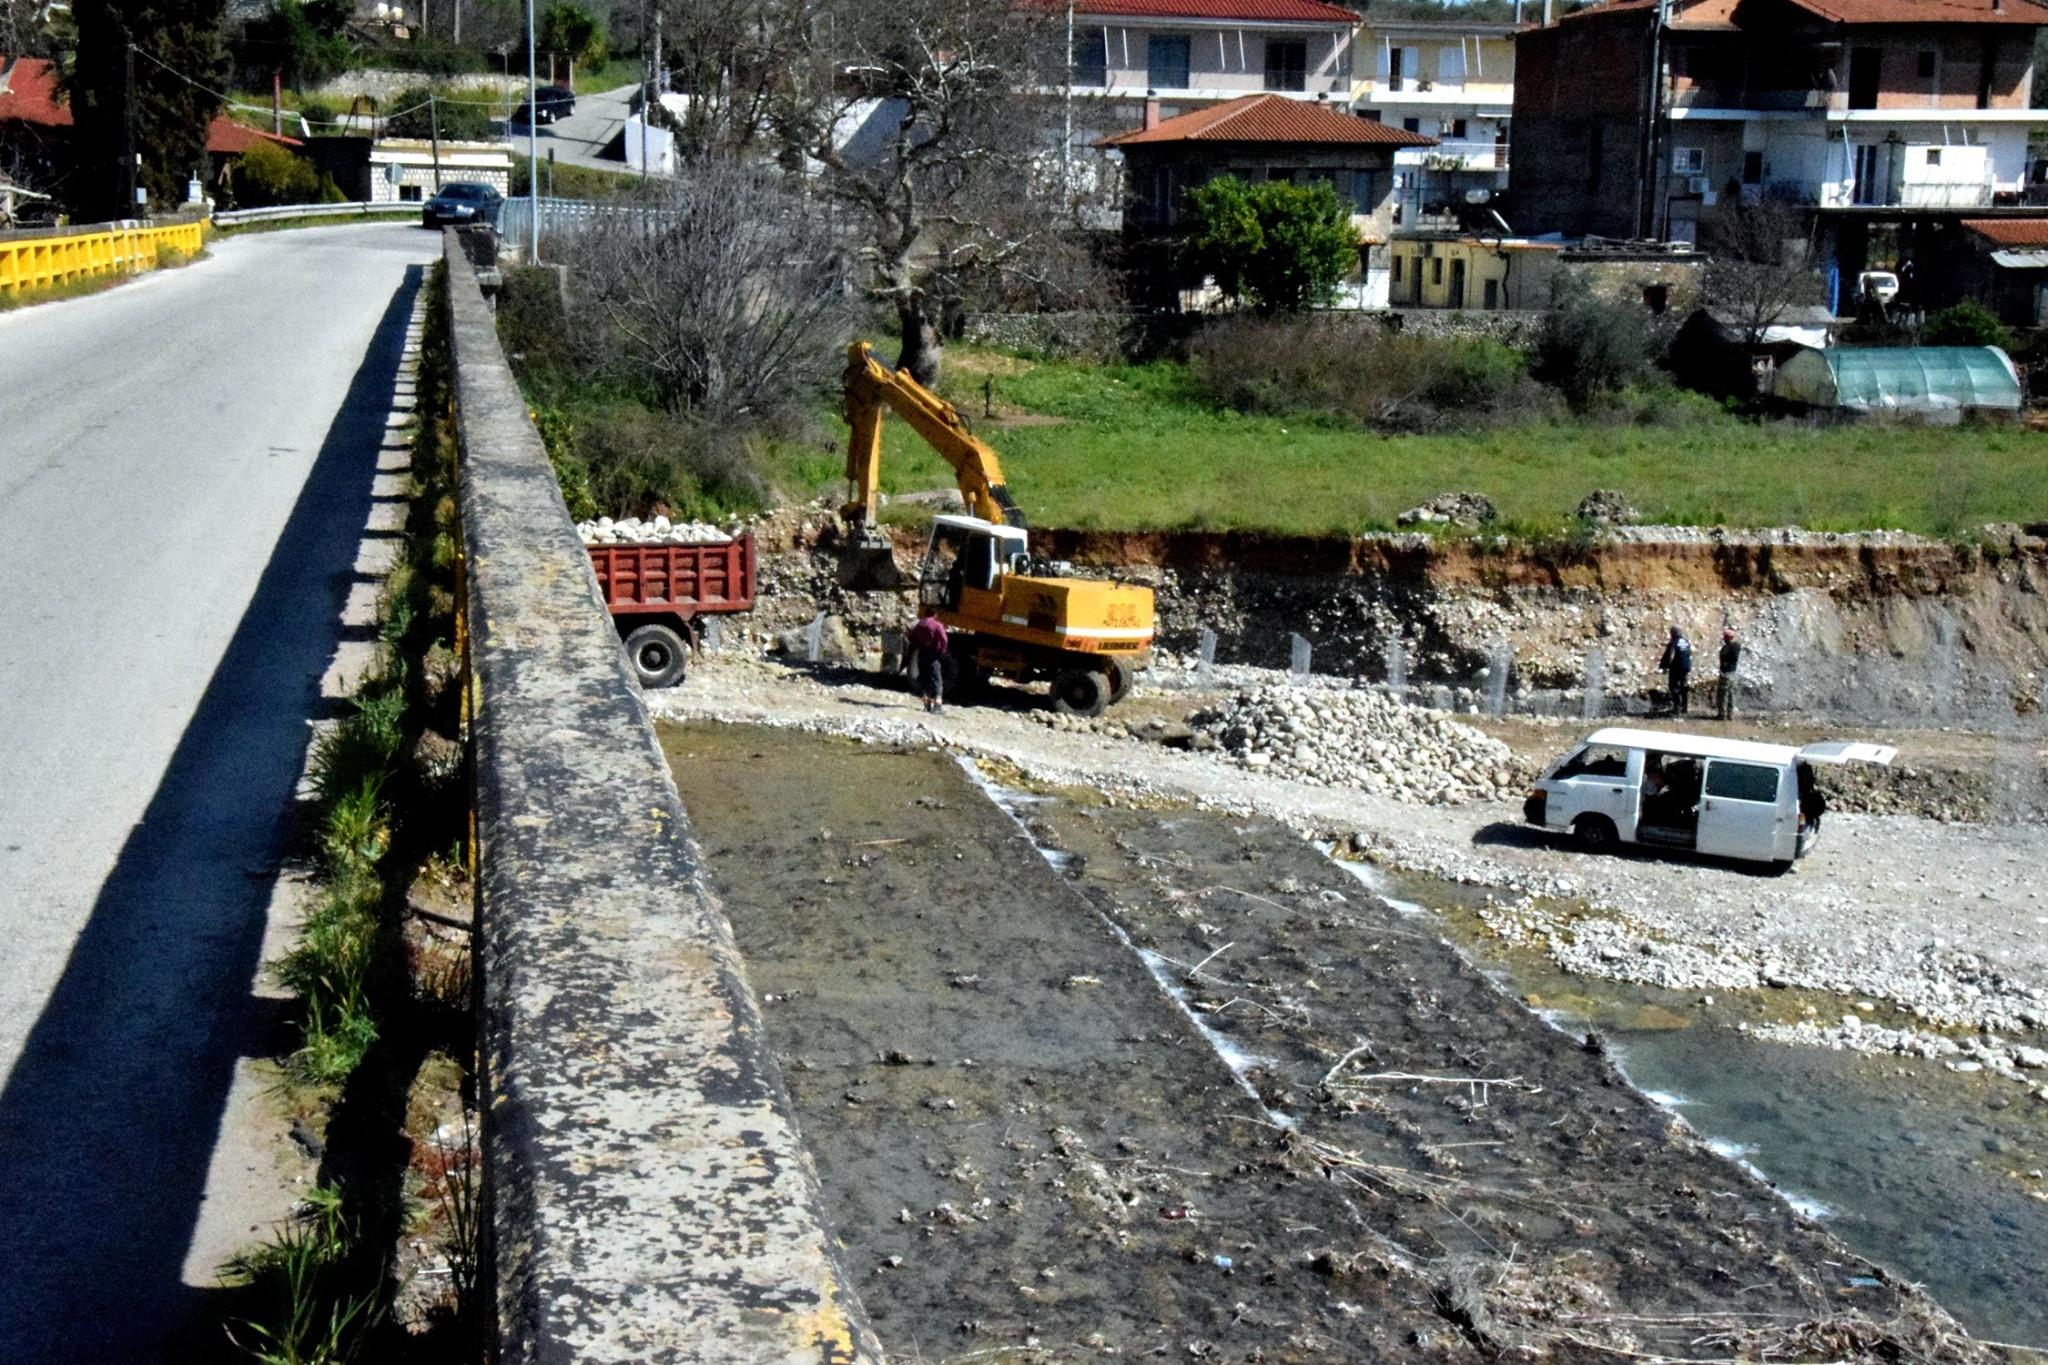 Ολοκληρώθηκε το έργο συντήρησης στη γέφυρα της Αβόρανης